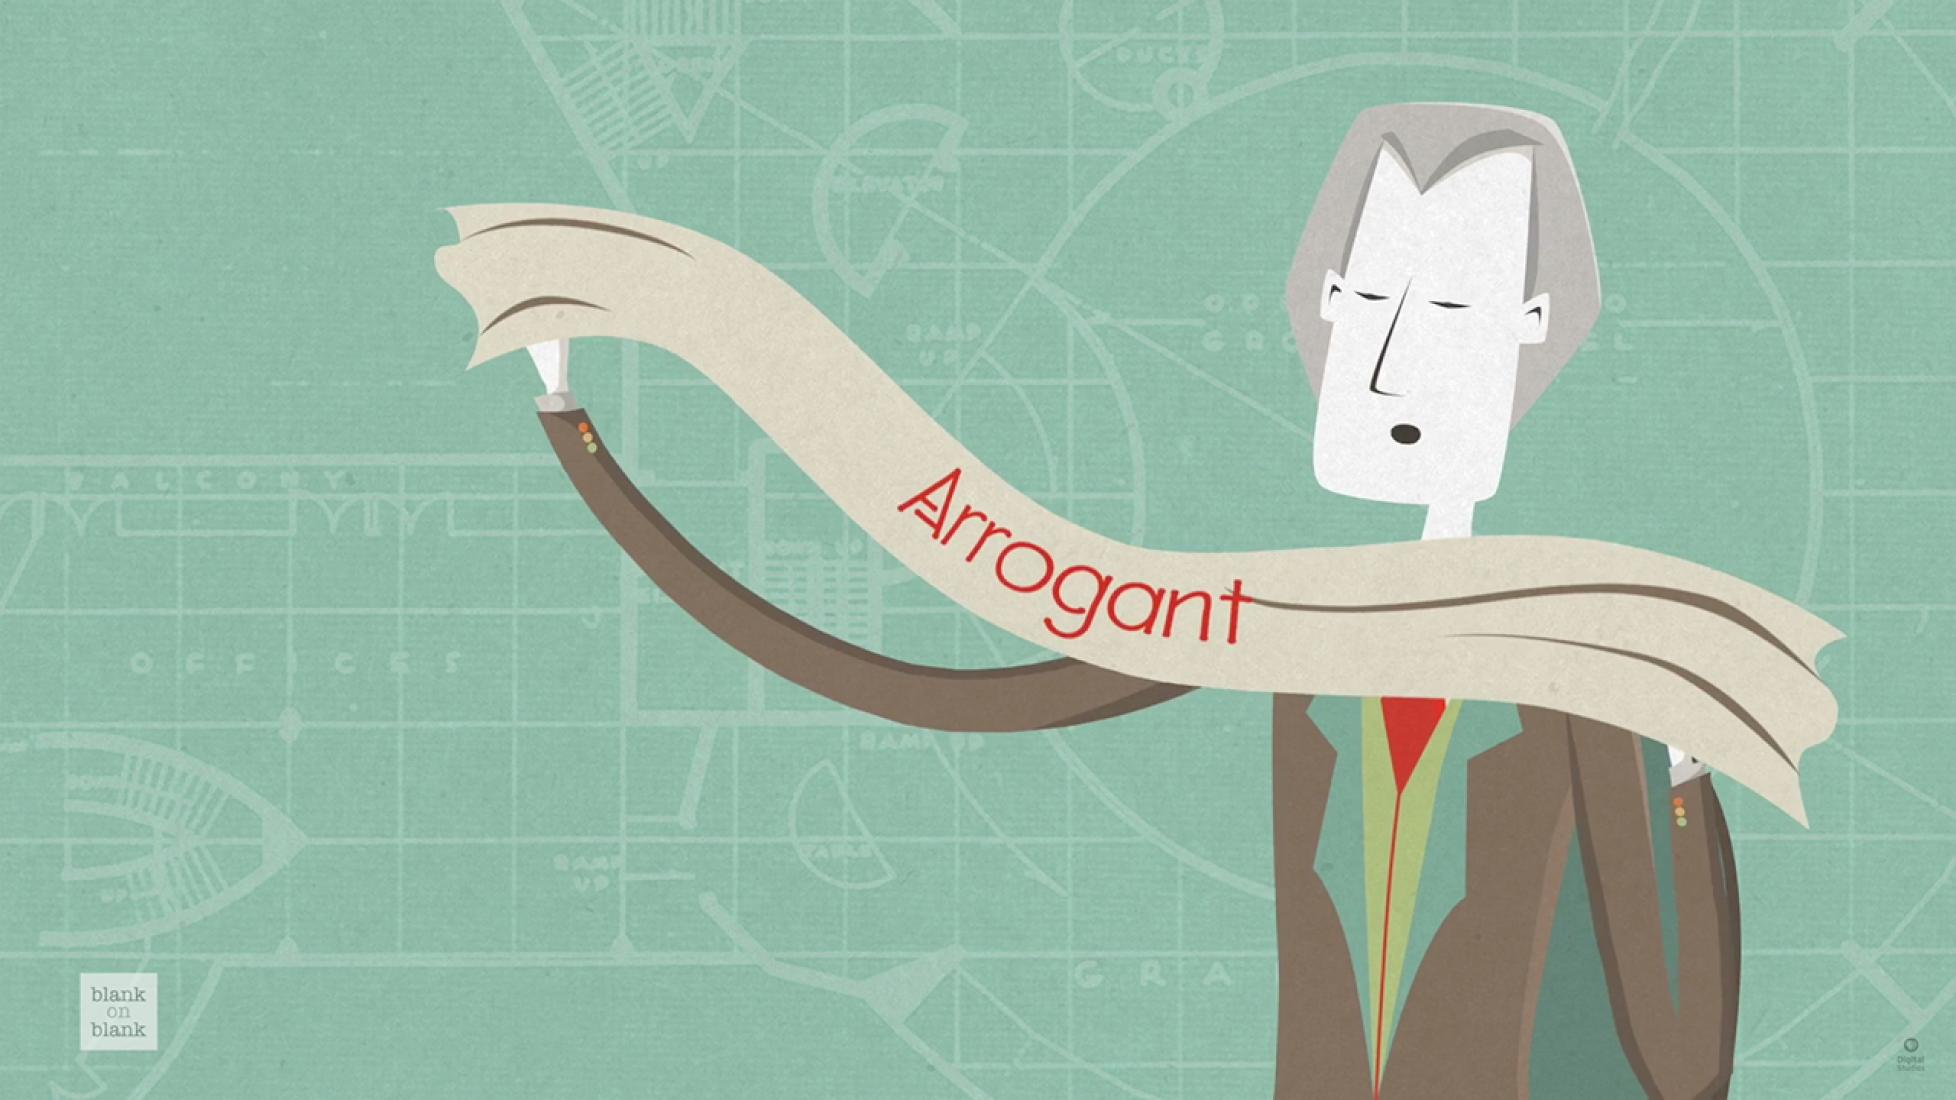 Frank Lloyd Wright habla sobre arrogancia por Blank on Blank